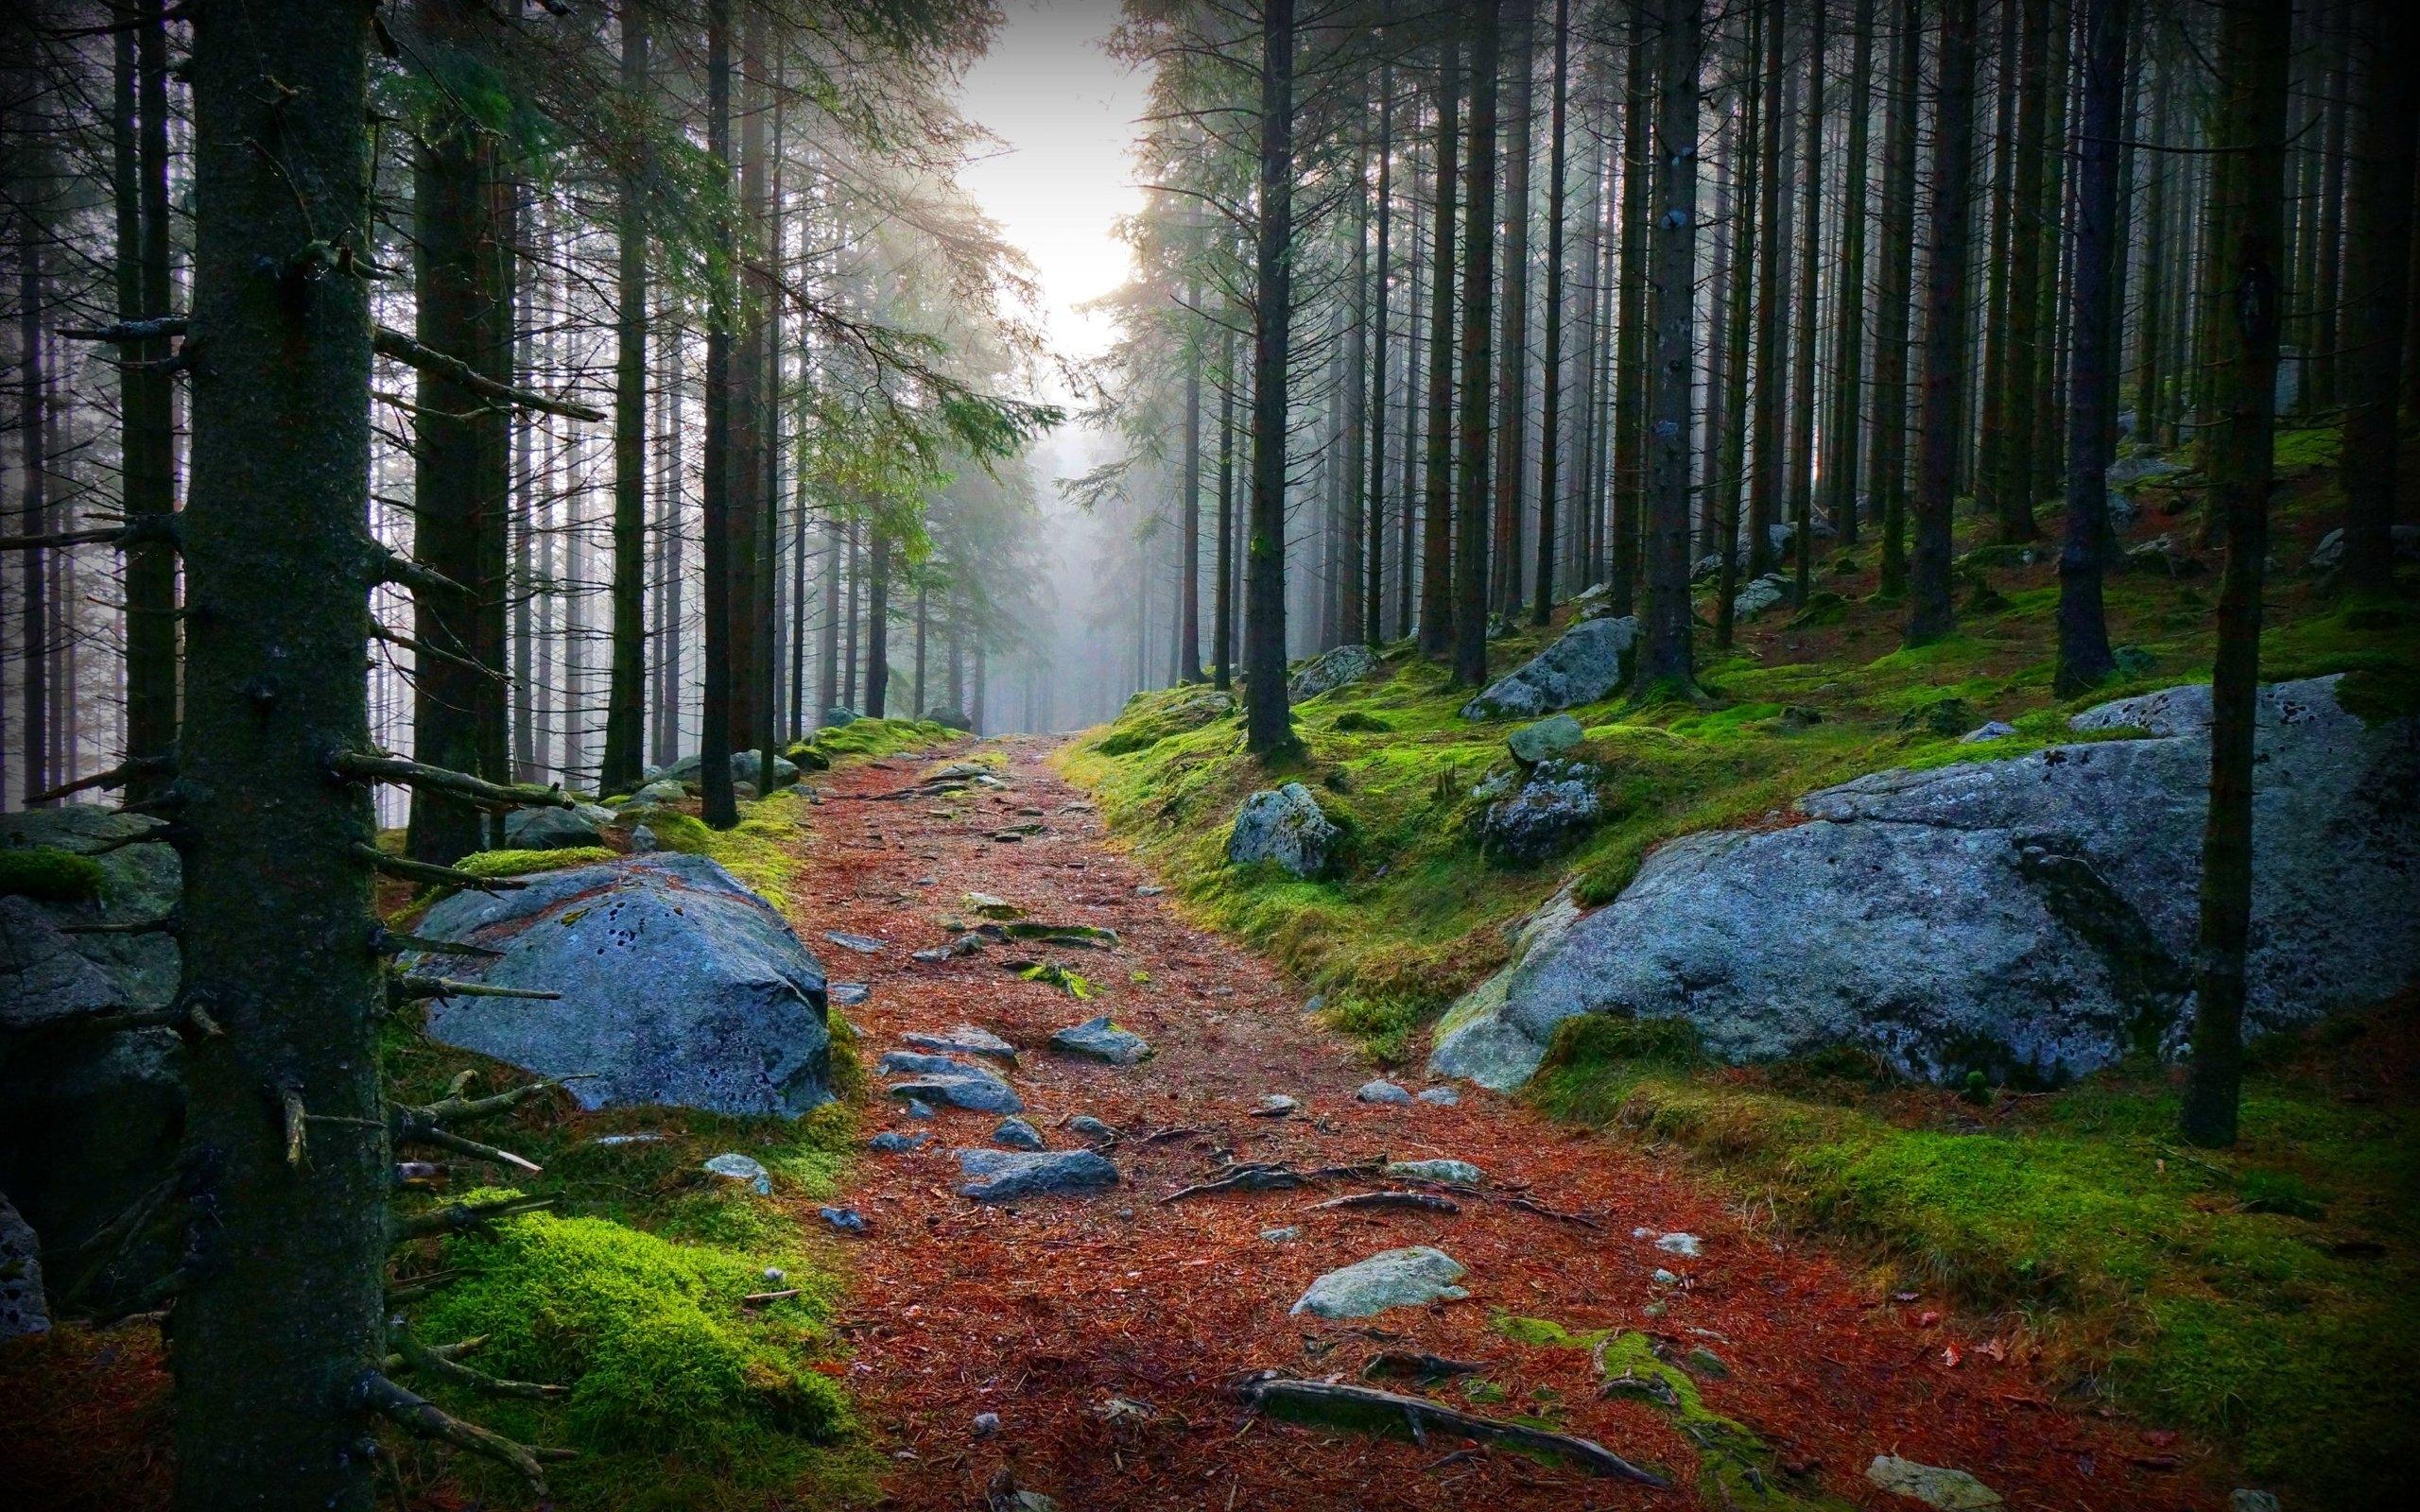 green forest hd wallpaper path - HD Desktop Wallpapers | 4k HD